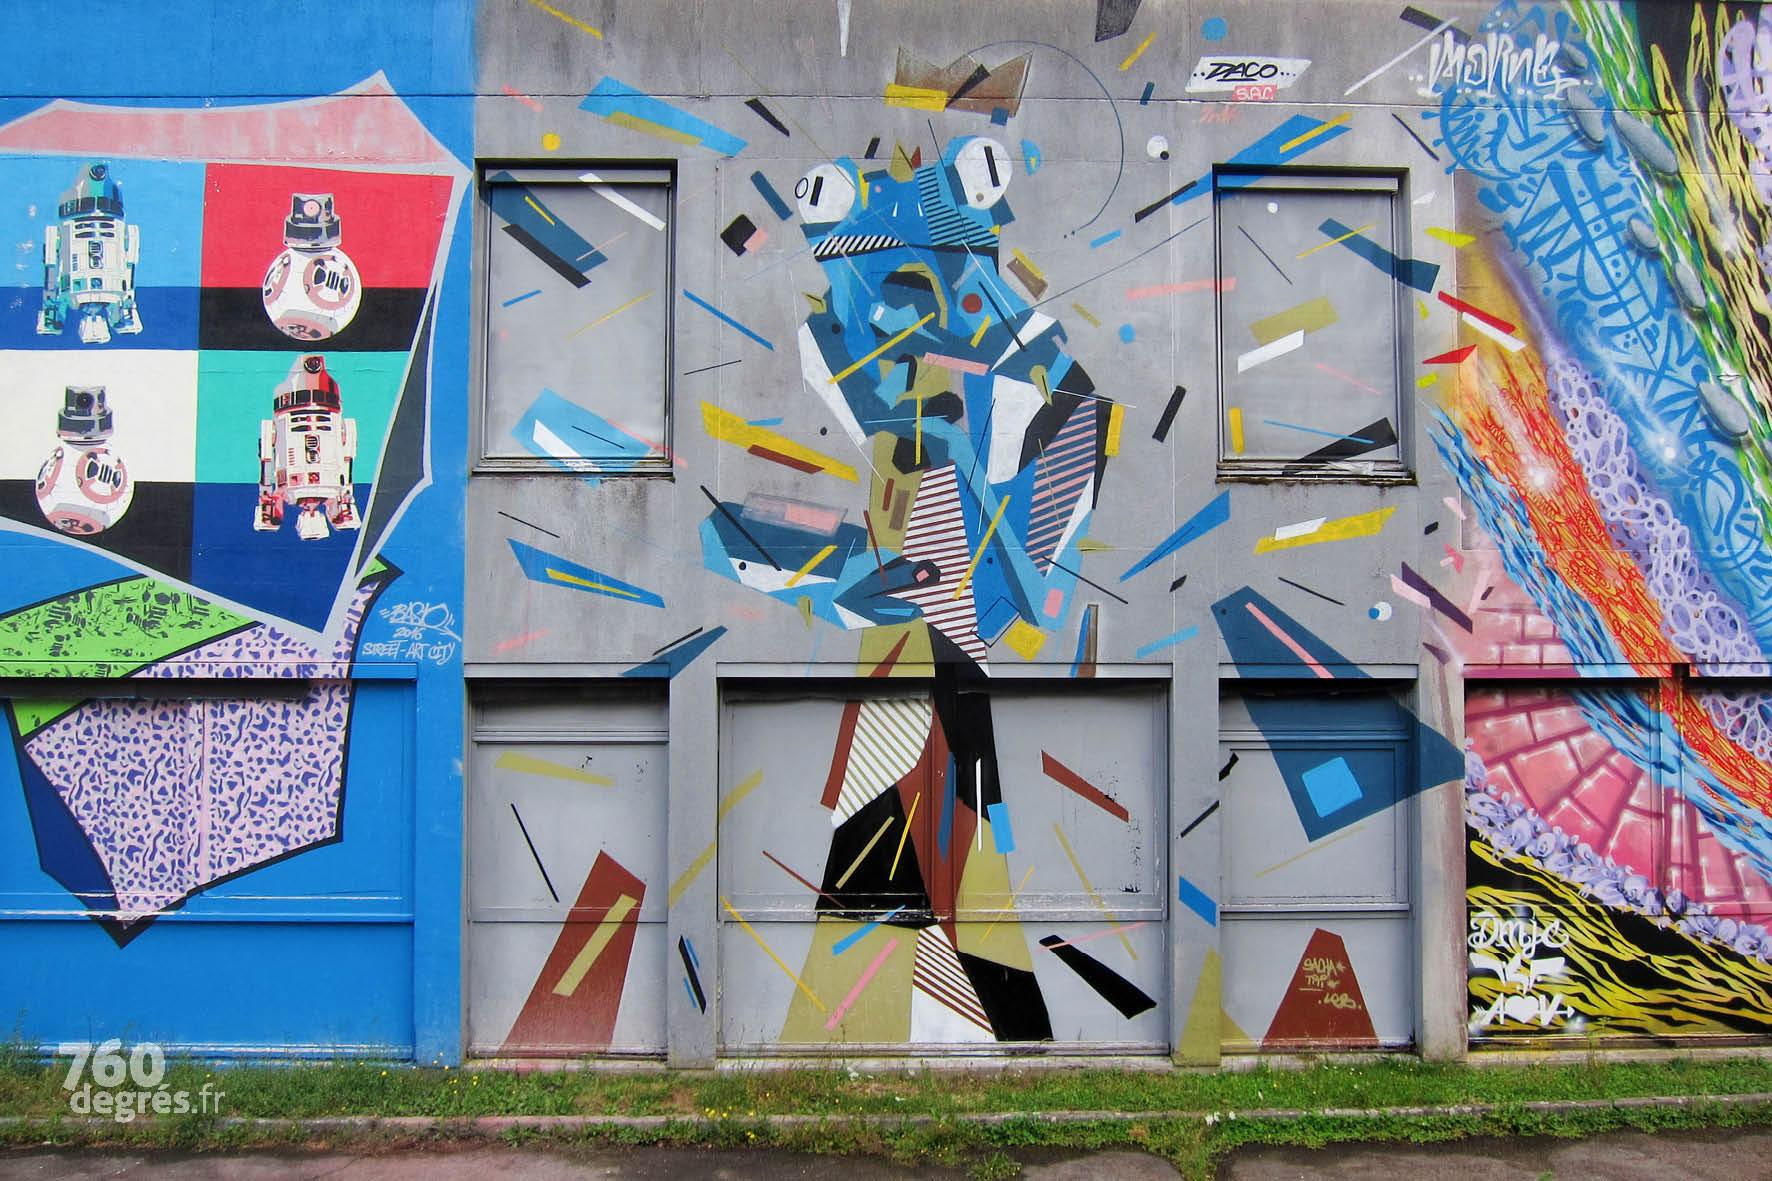 Le bestiaire graphique de DACO (France) au centre, entouré de BASTO (France), pochoiriste inspiré par Star Wars et MORNE (France) et sa calligraphie abstraite.